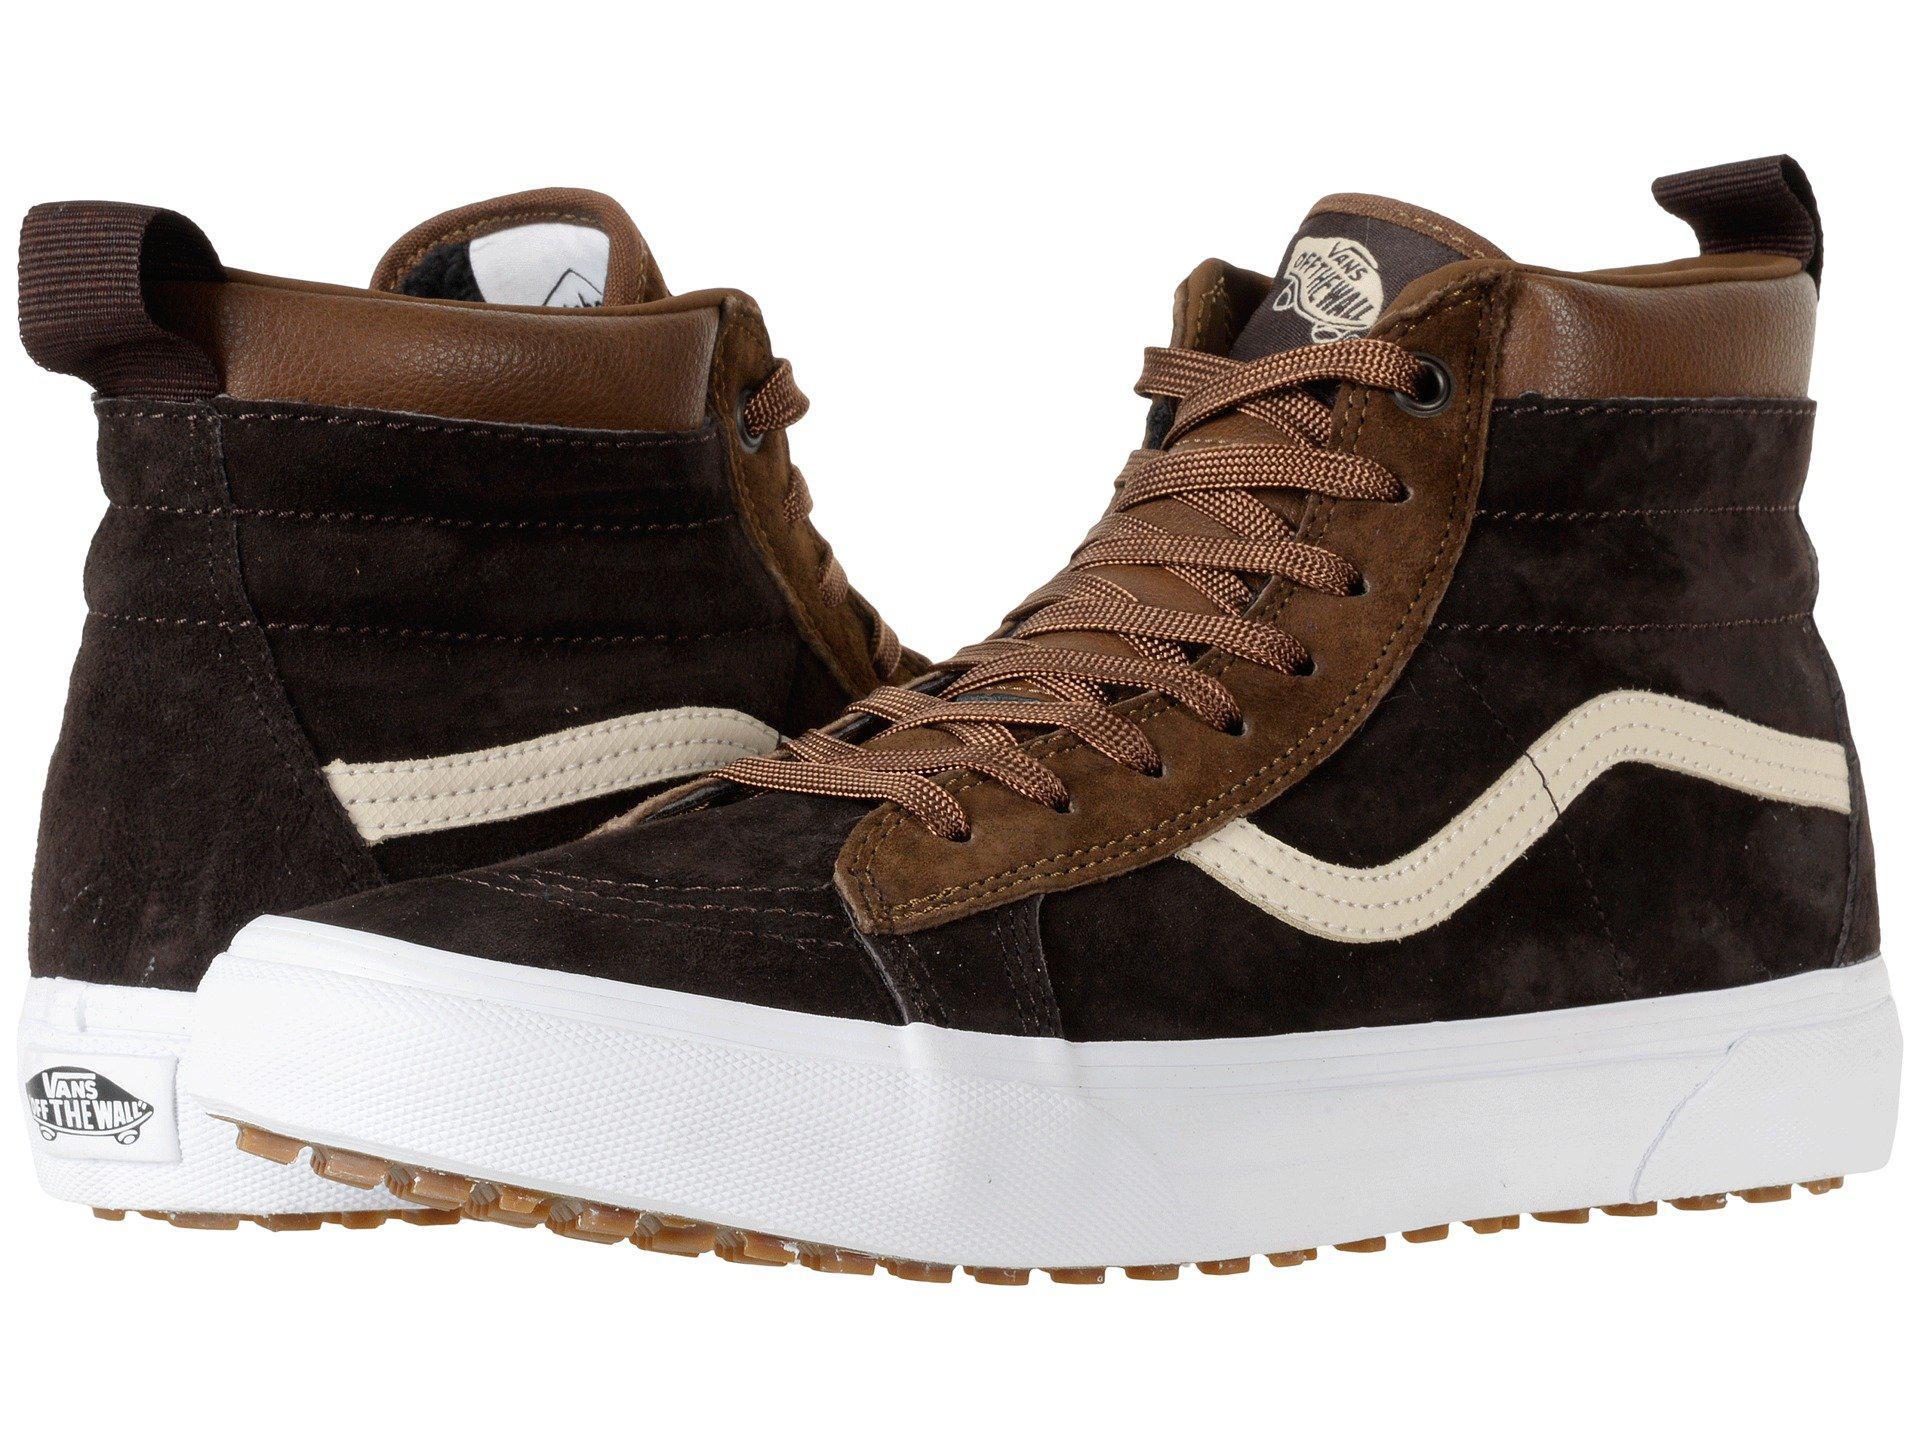 866988a7c40 Lyst - Vans Sk8-hi Mte ((mte) Black night) Skate Shoes in Brown